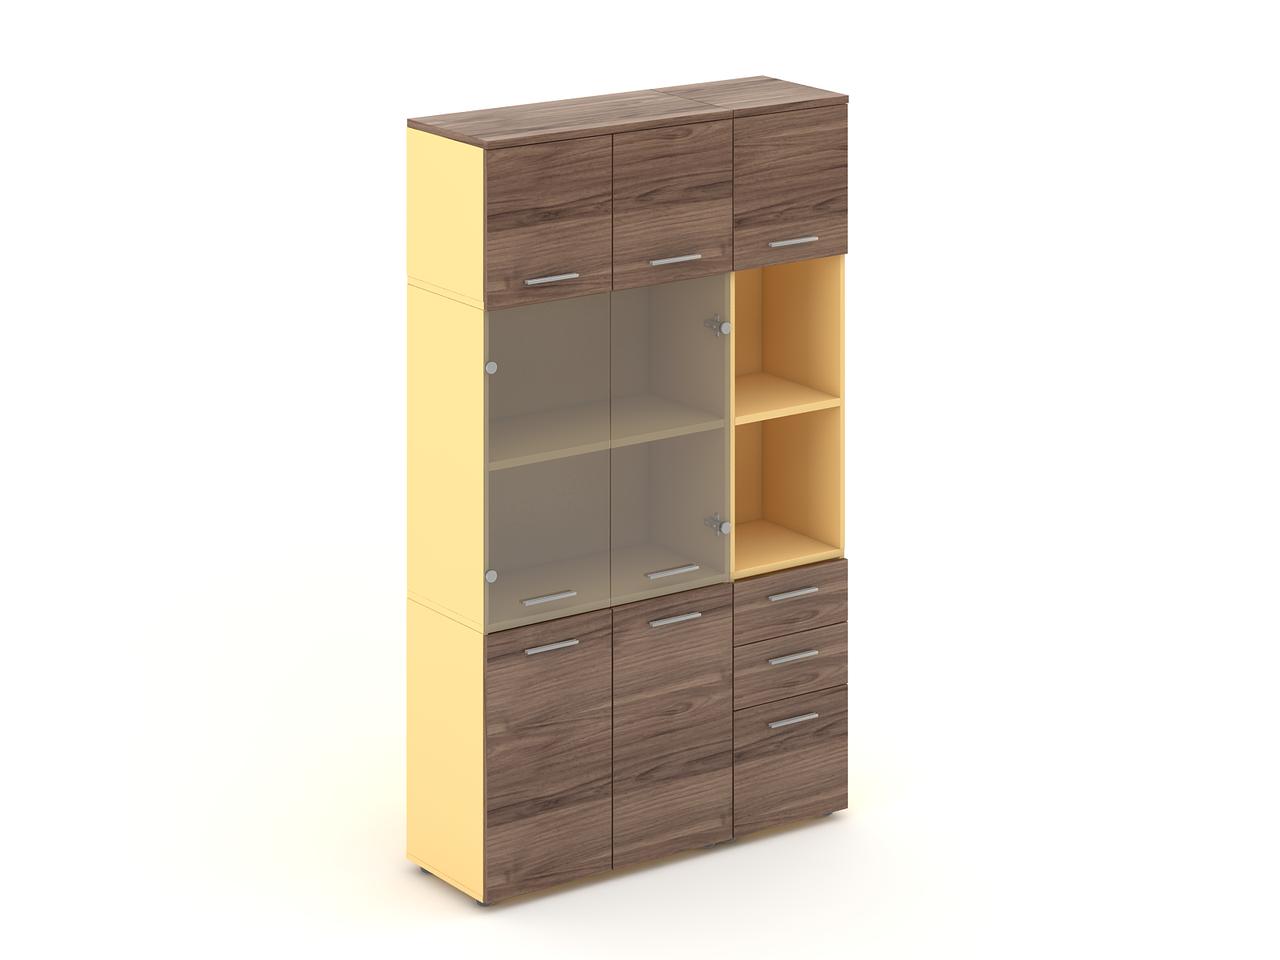 Комплект мебели для персонала серии Прайм композиция №17 ТМ MConcept